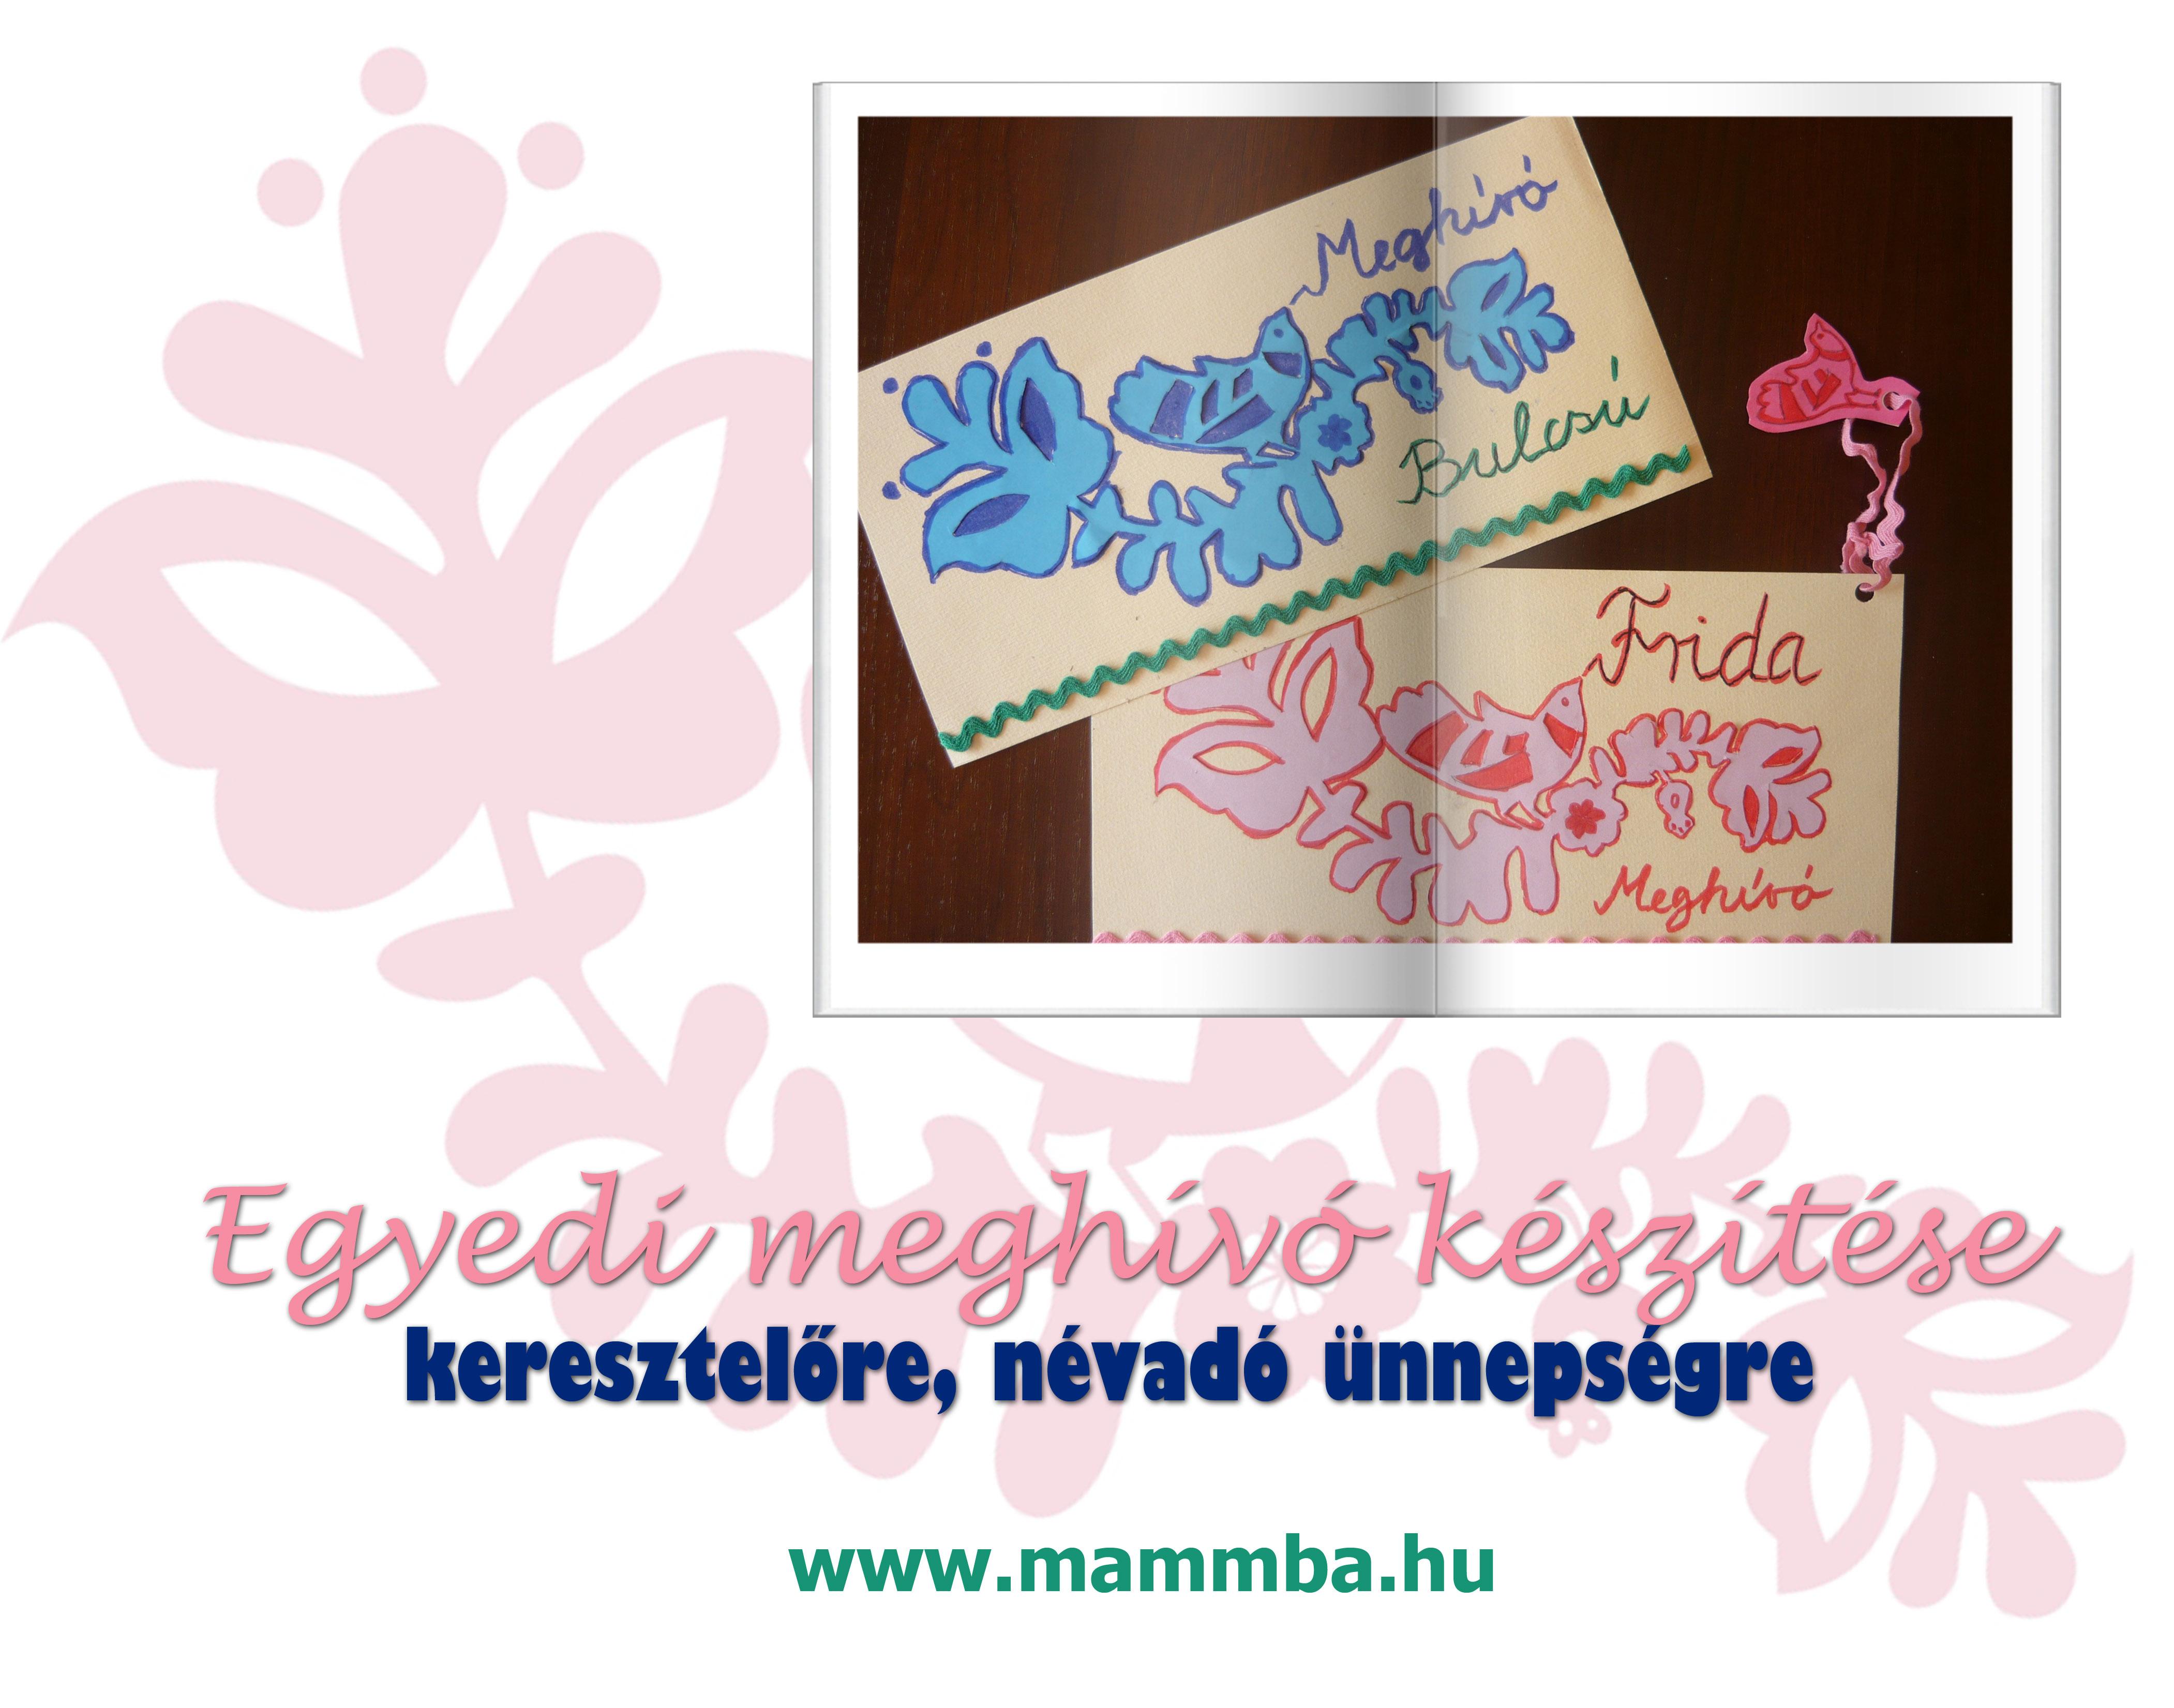 cb388046ea Ezt én is megcsinálom!: Egyedi meghívó készítése a baba ...